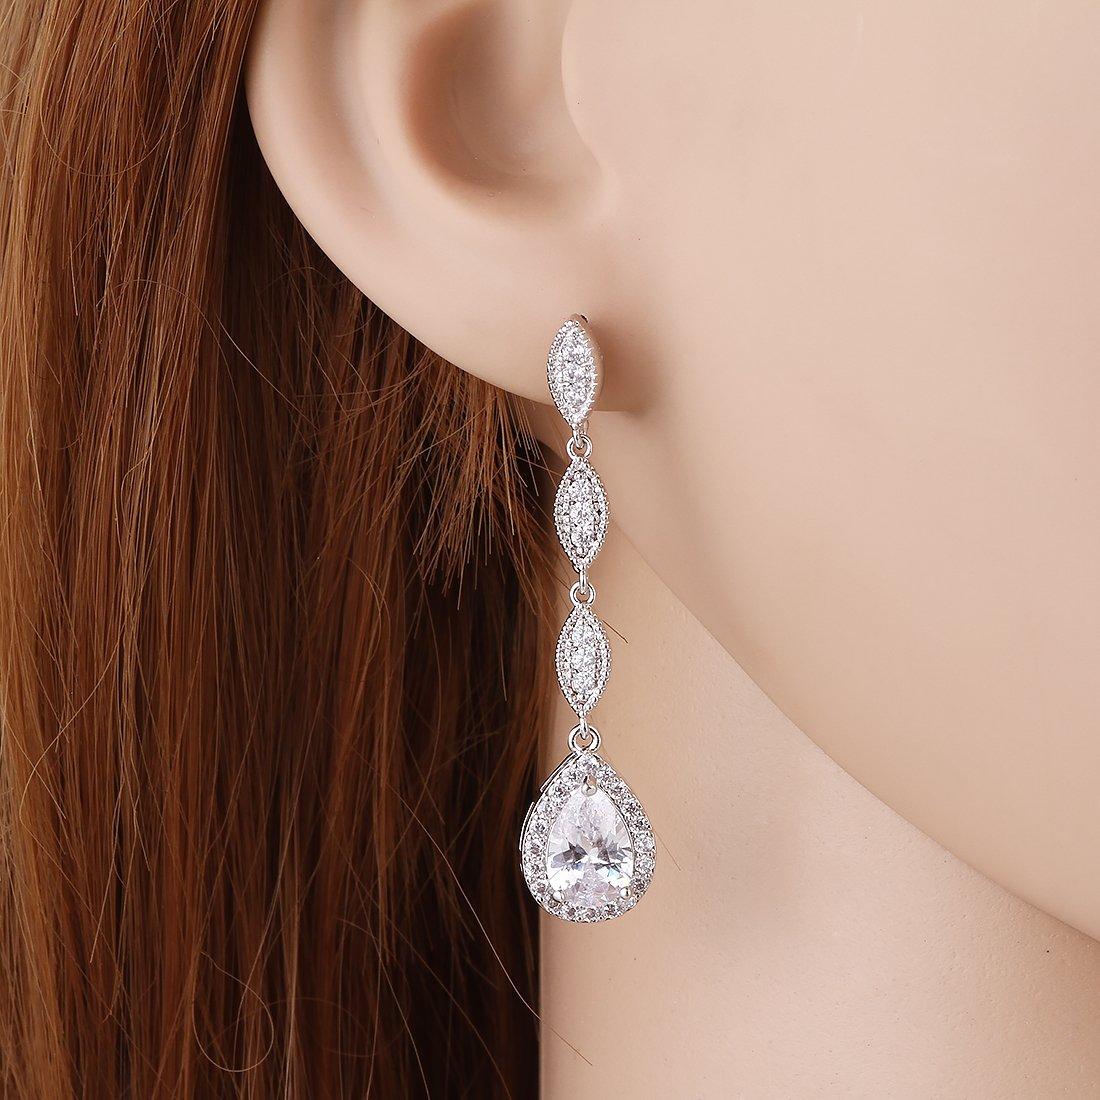 Wordless Love Teardrop Pear Shape CZ Necklace Pierced Earrings Women Wedding Jewelry Sets by Wordless Love (Image #3)